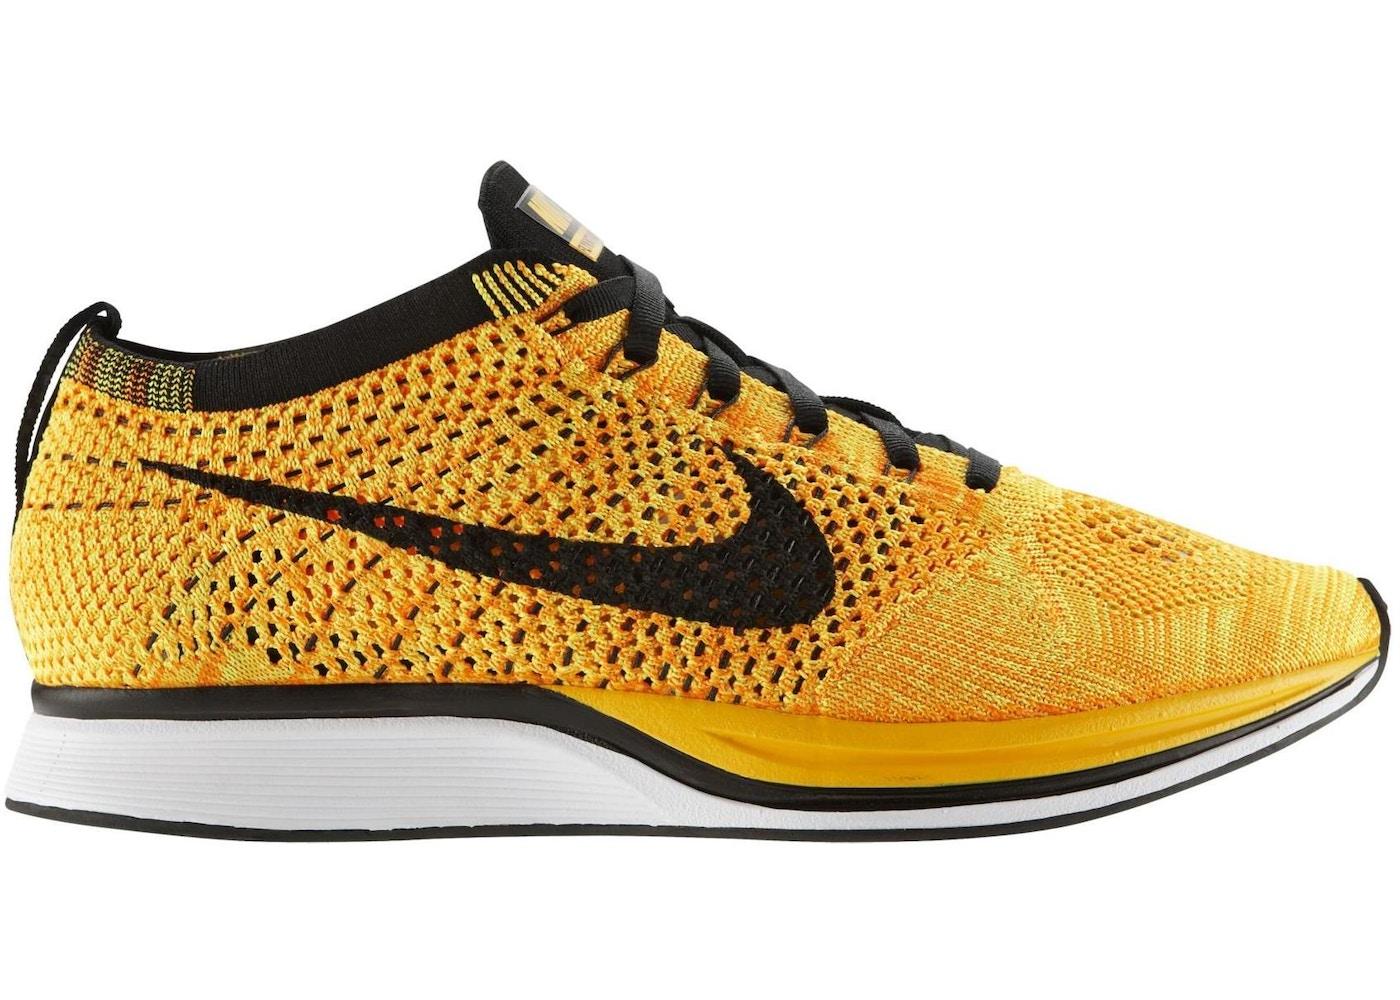 5883a9d1109f Nike Flyknit Racer Cheetos - 526628-808